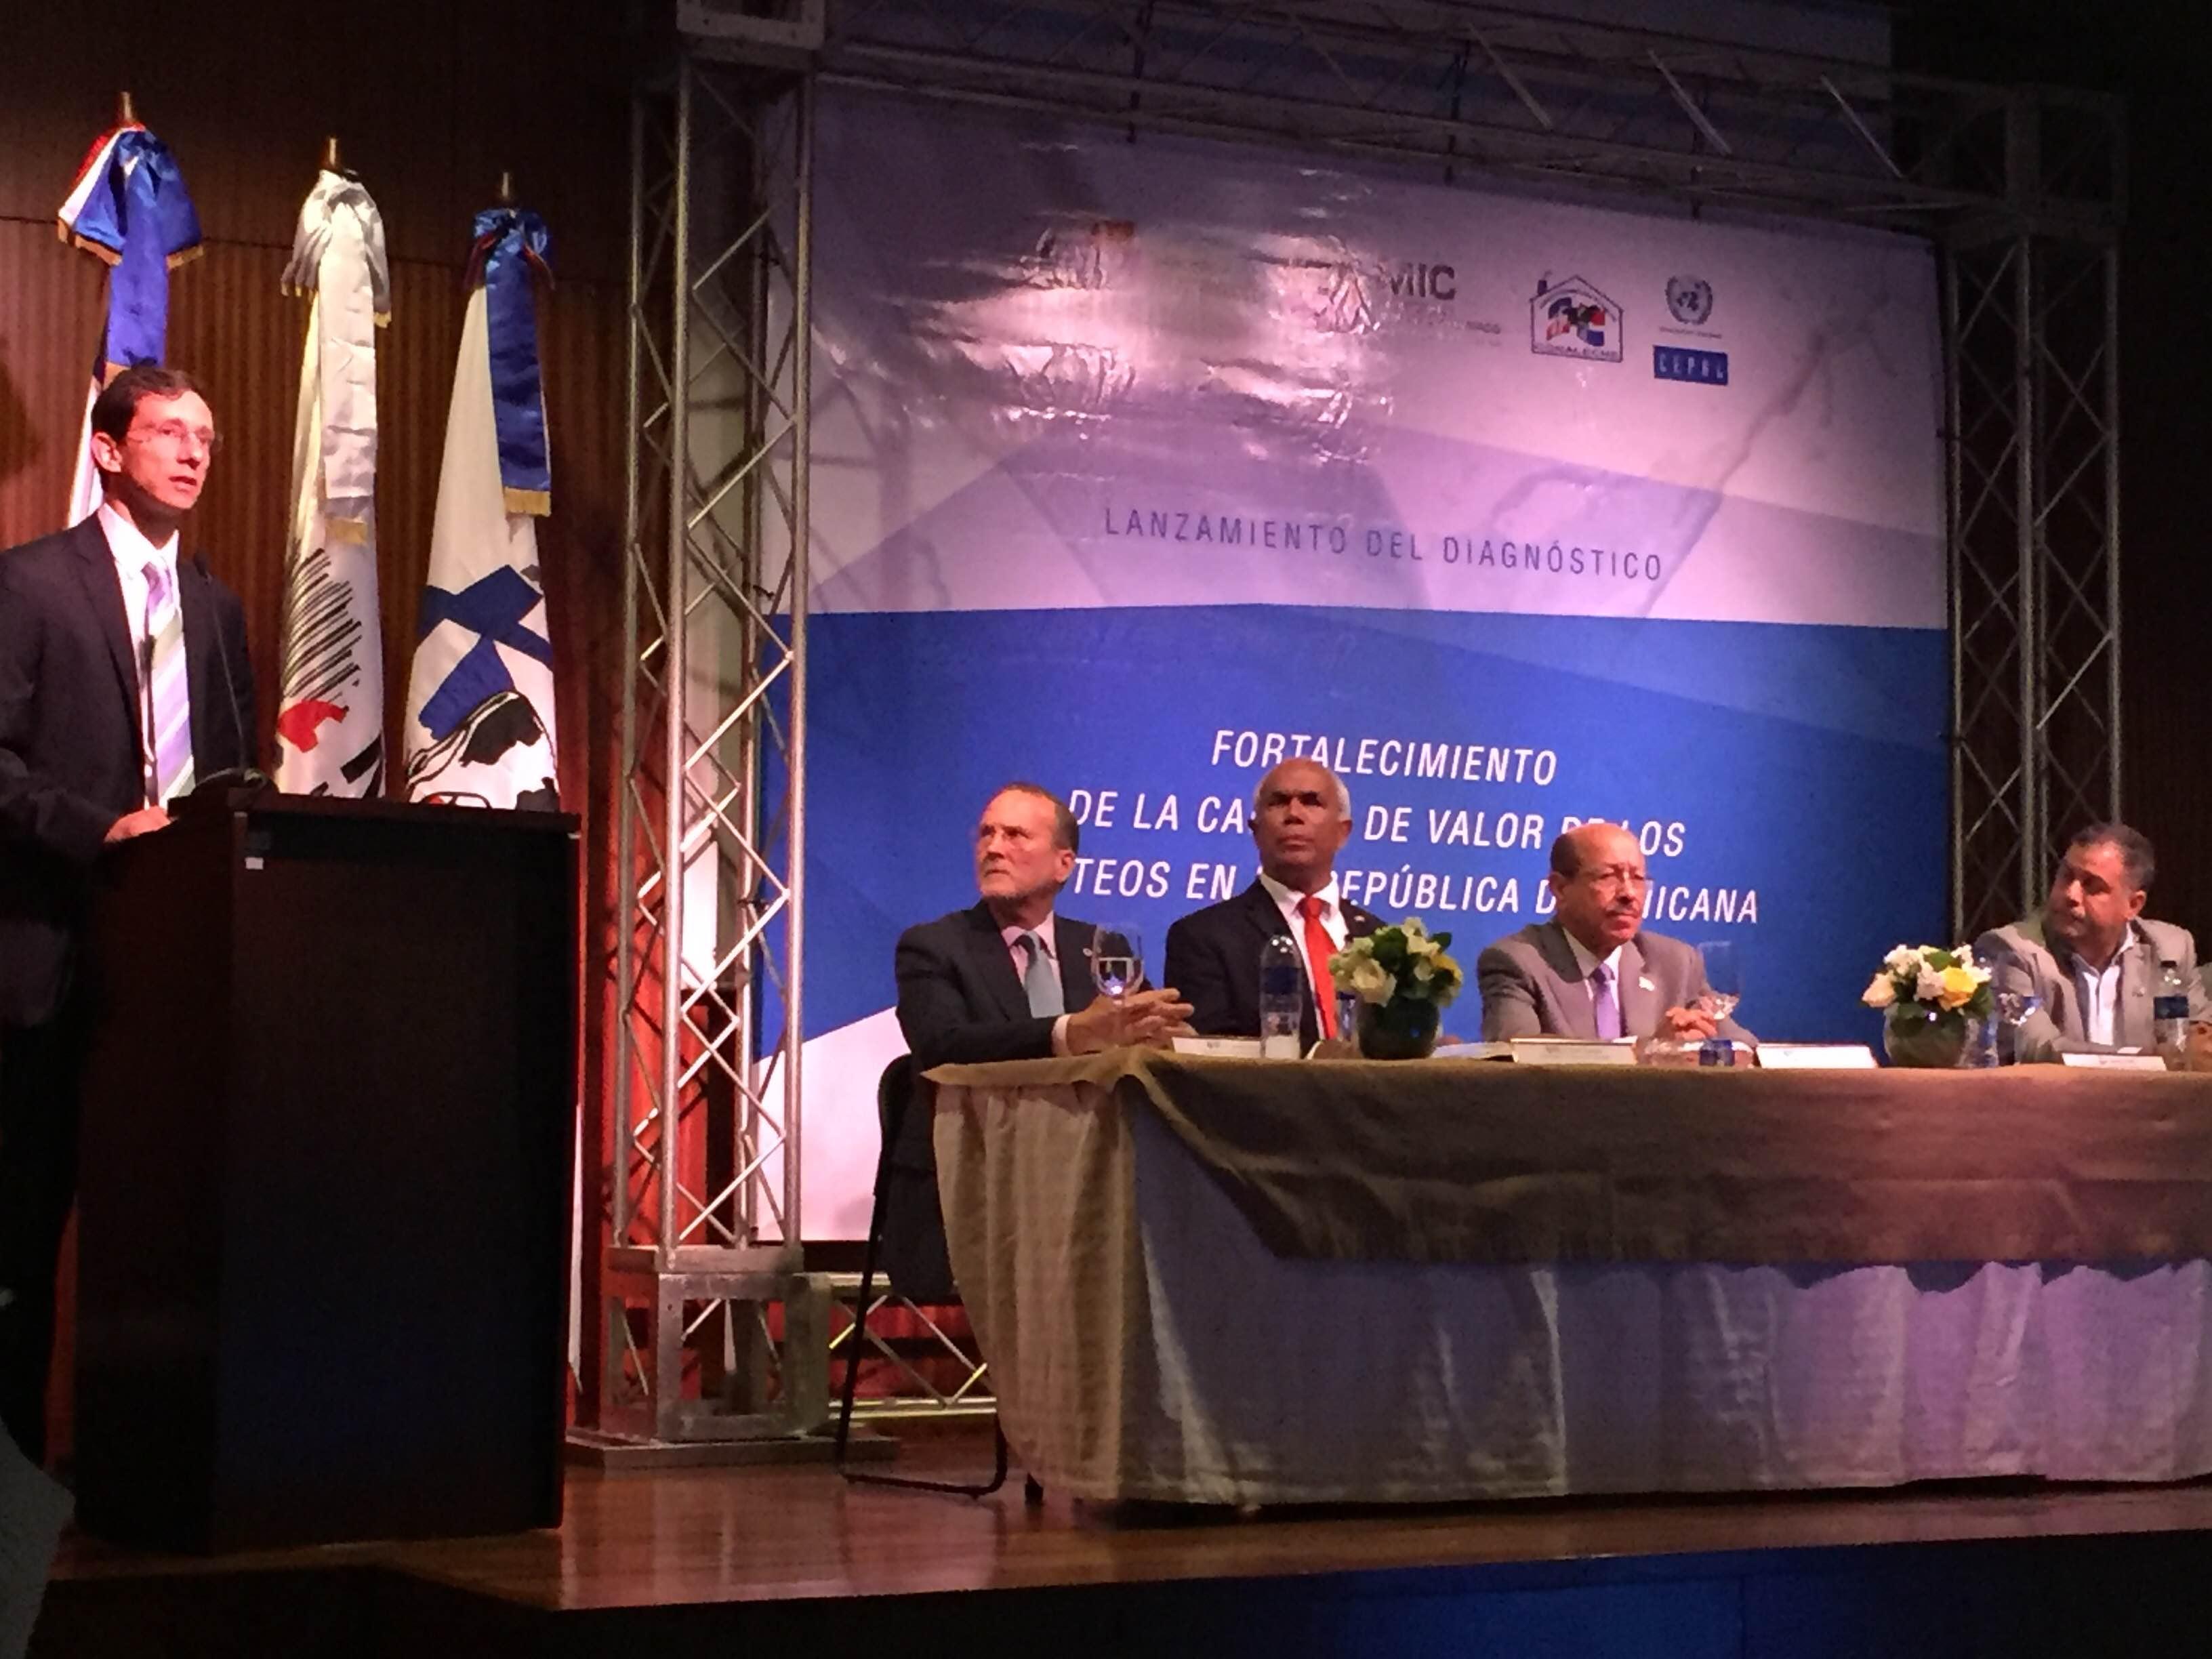 Lanzamiento de la Cadena de Valor de lácteos en República Dominicana